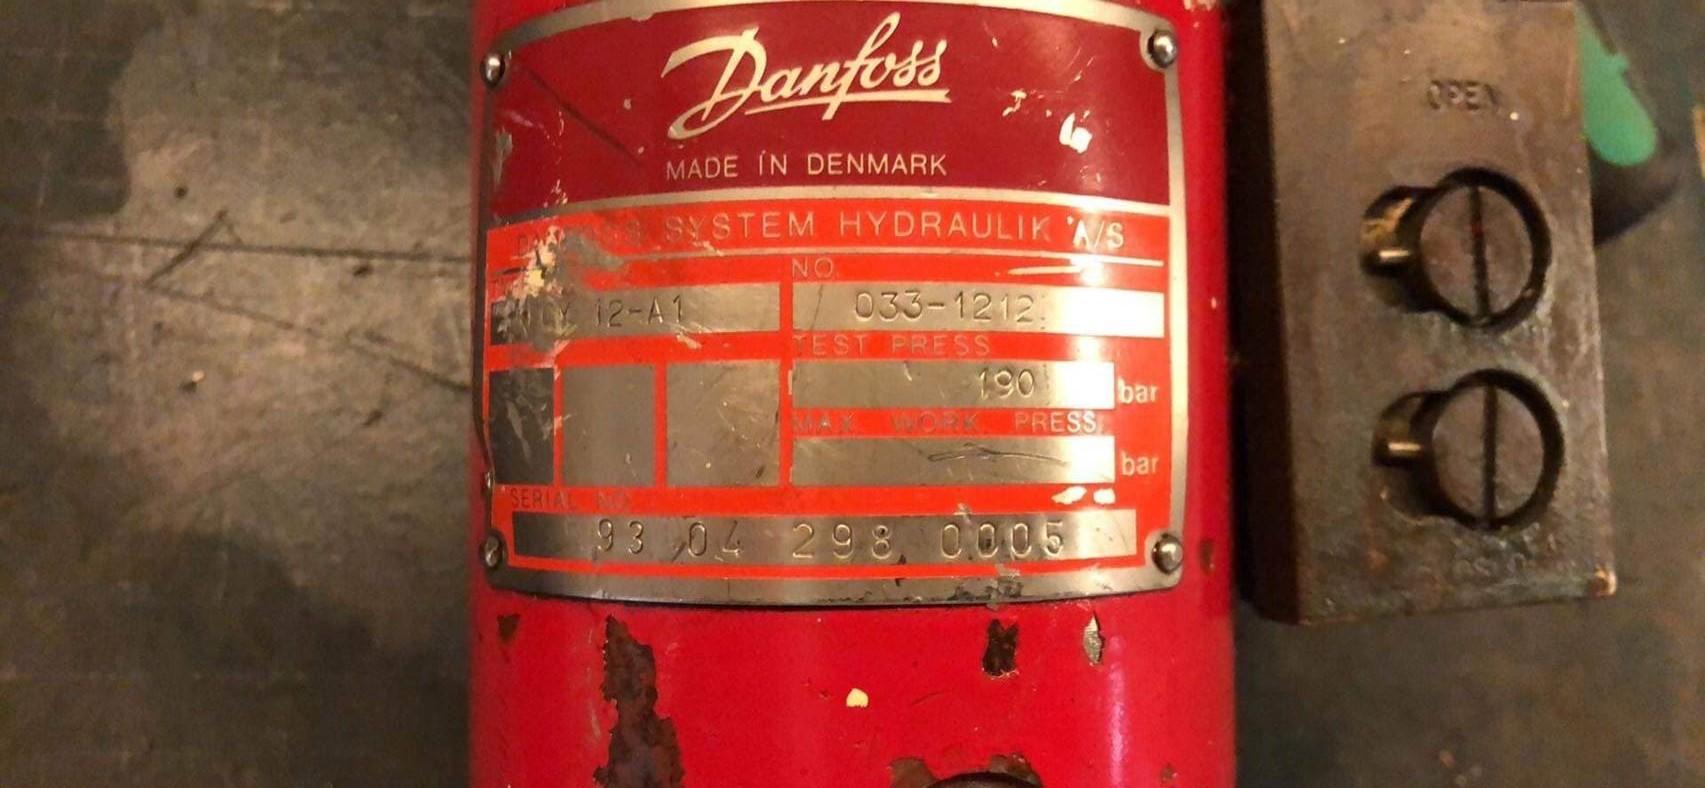 Damcos Danfoss 033-1212 Actuator_20190513